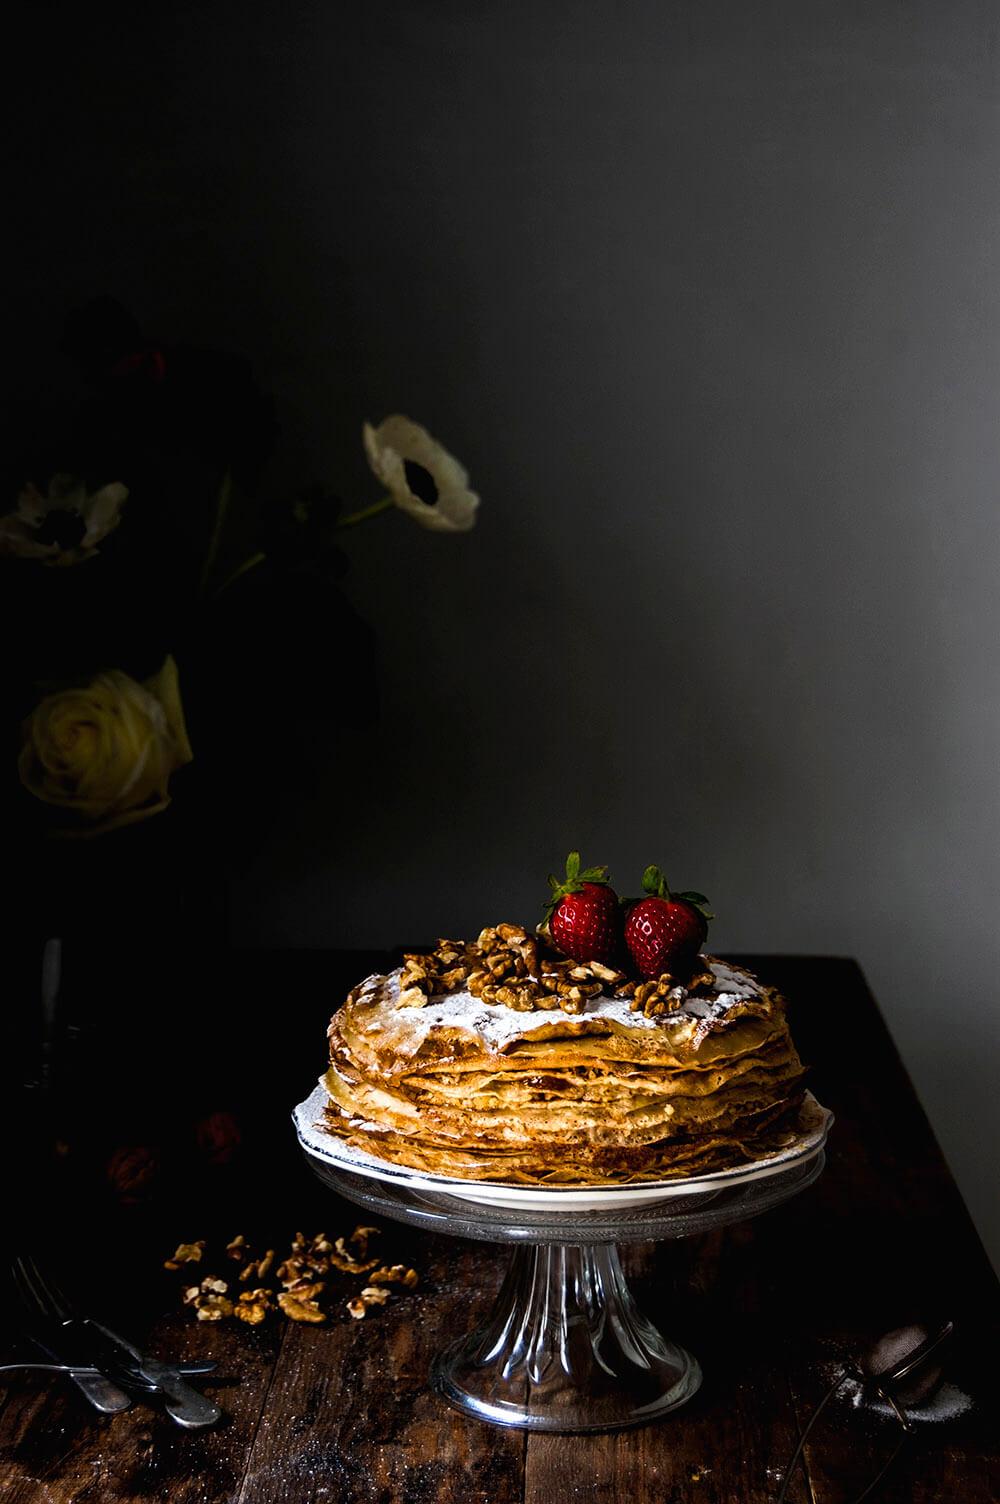 como hacer tarta de crepes con nueces y mermelada